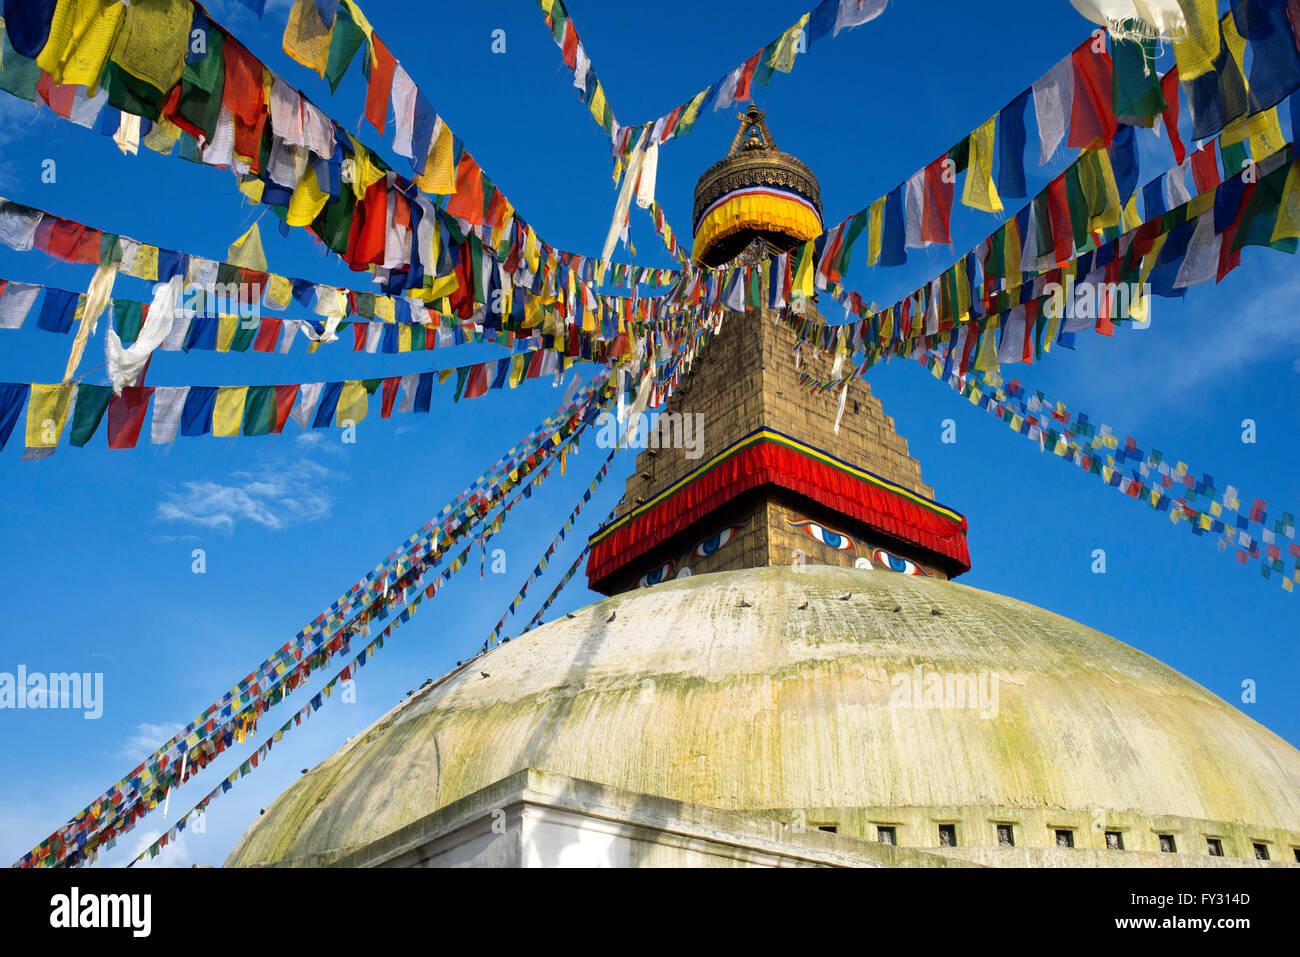 Tibetan flags and Bodhnath Buddhist Stupa, Kathmandu, Nepal, Asia - Stock Image